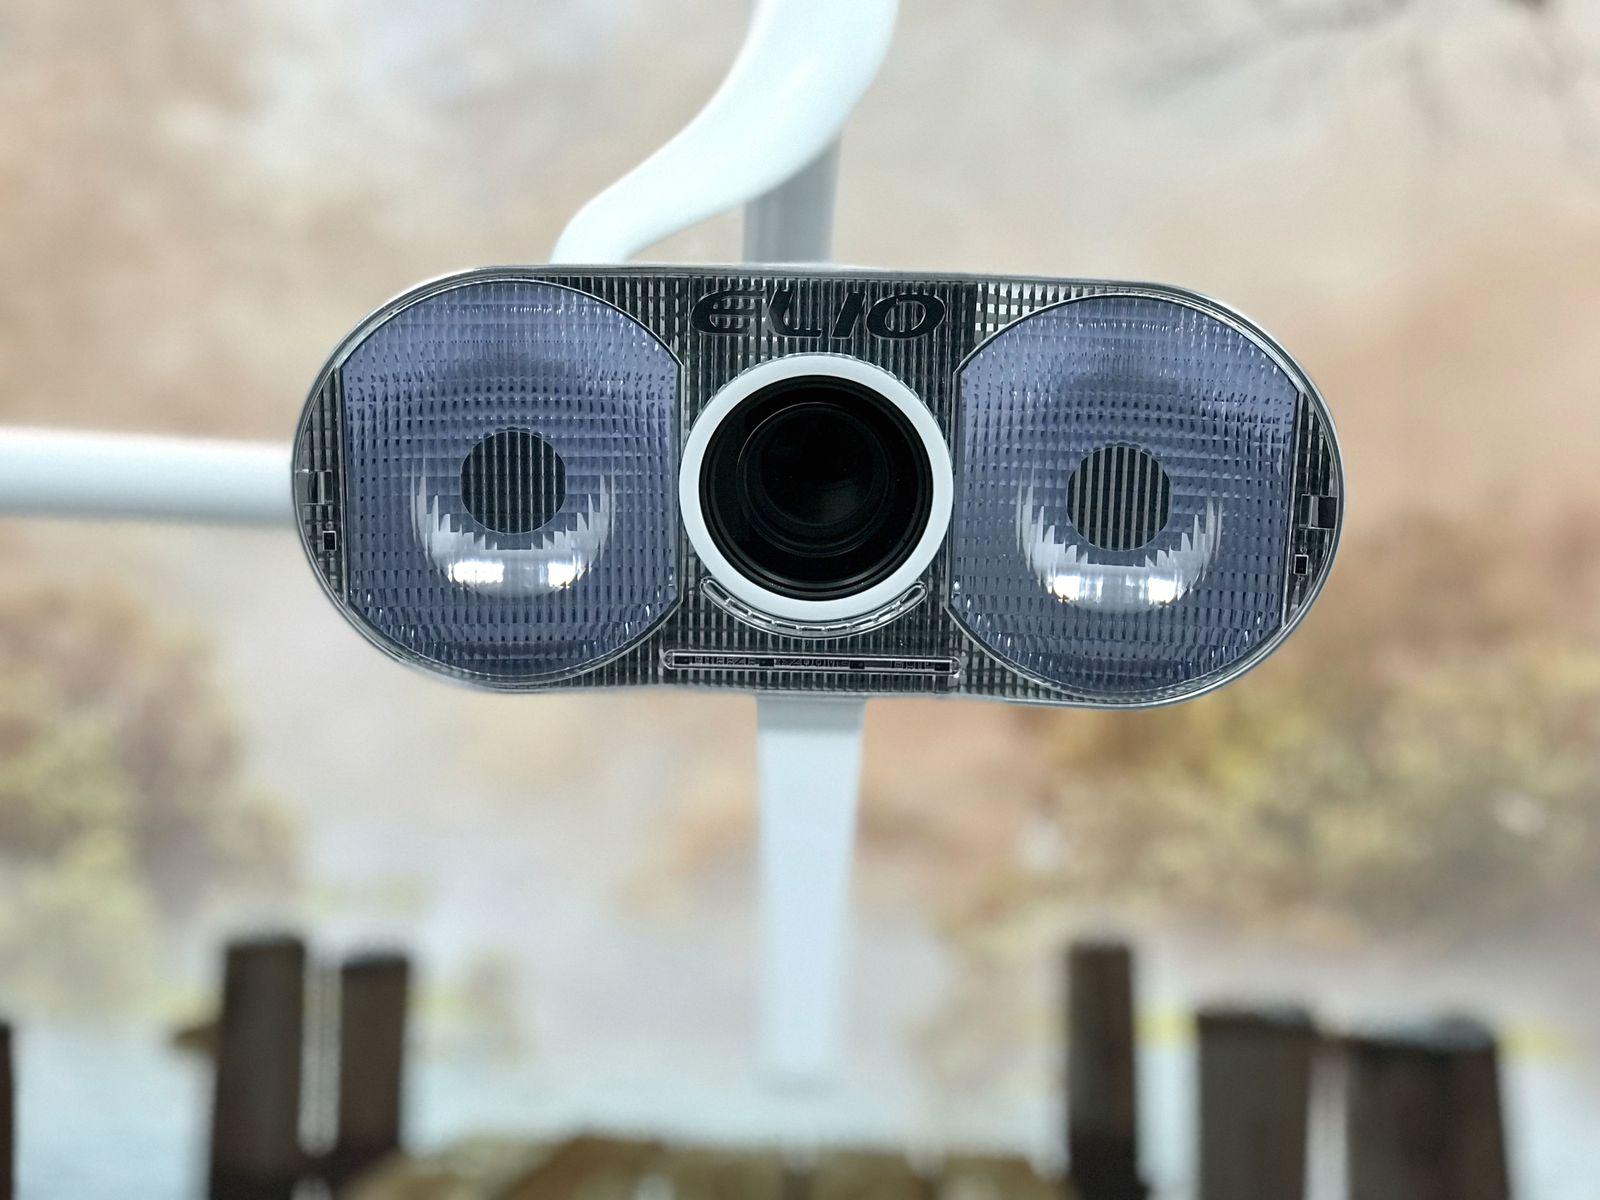 Estrenamos un nuevo gabinete con la exclusiva lámpara cenital ELIO HD